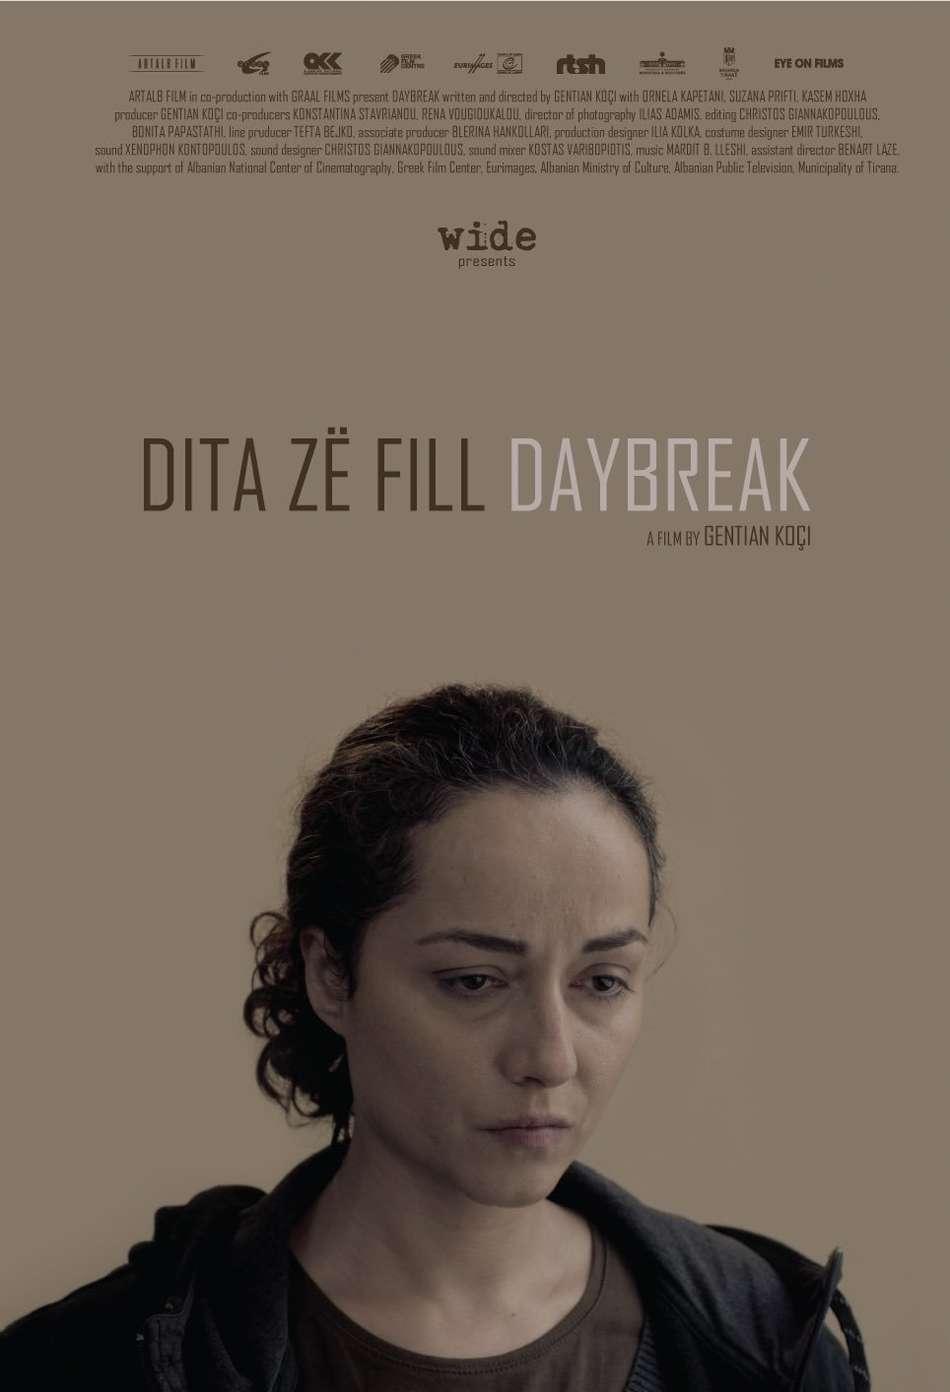 Το ξεκίνημα της μέρας (Dita zë fill / Daybreak) Poster Πόστερ